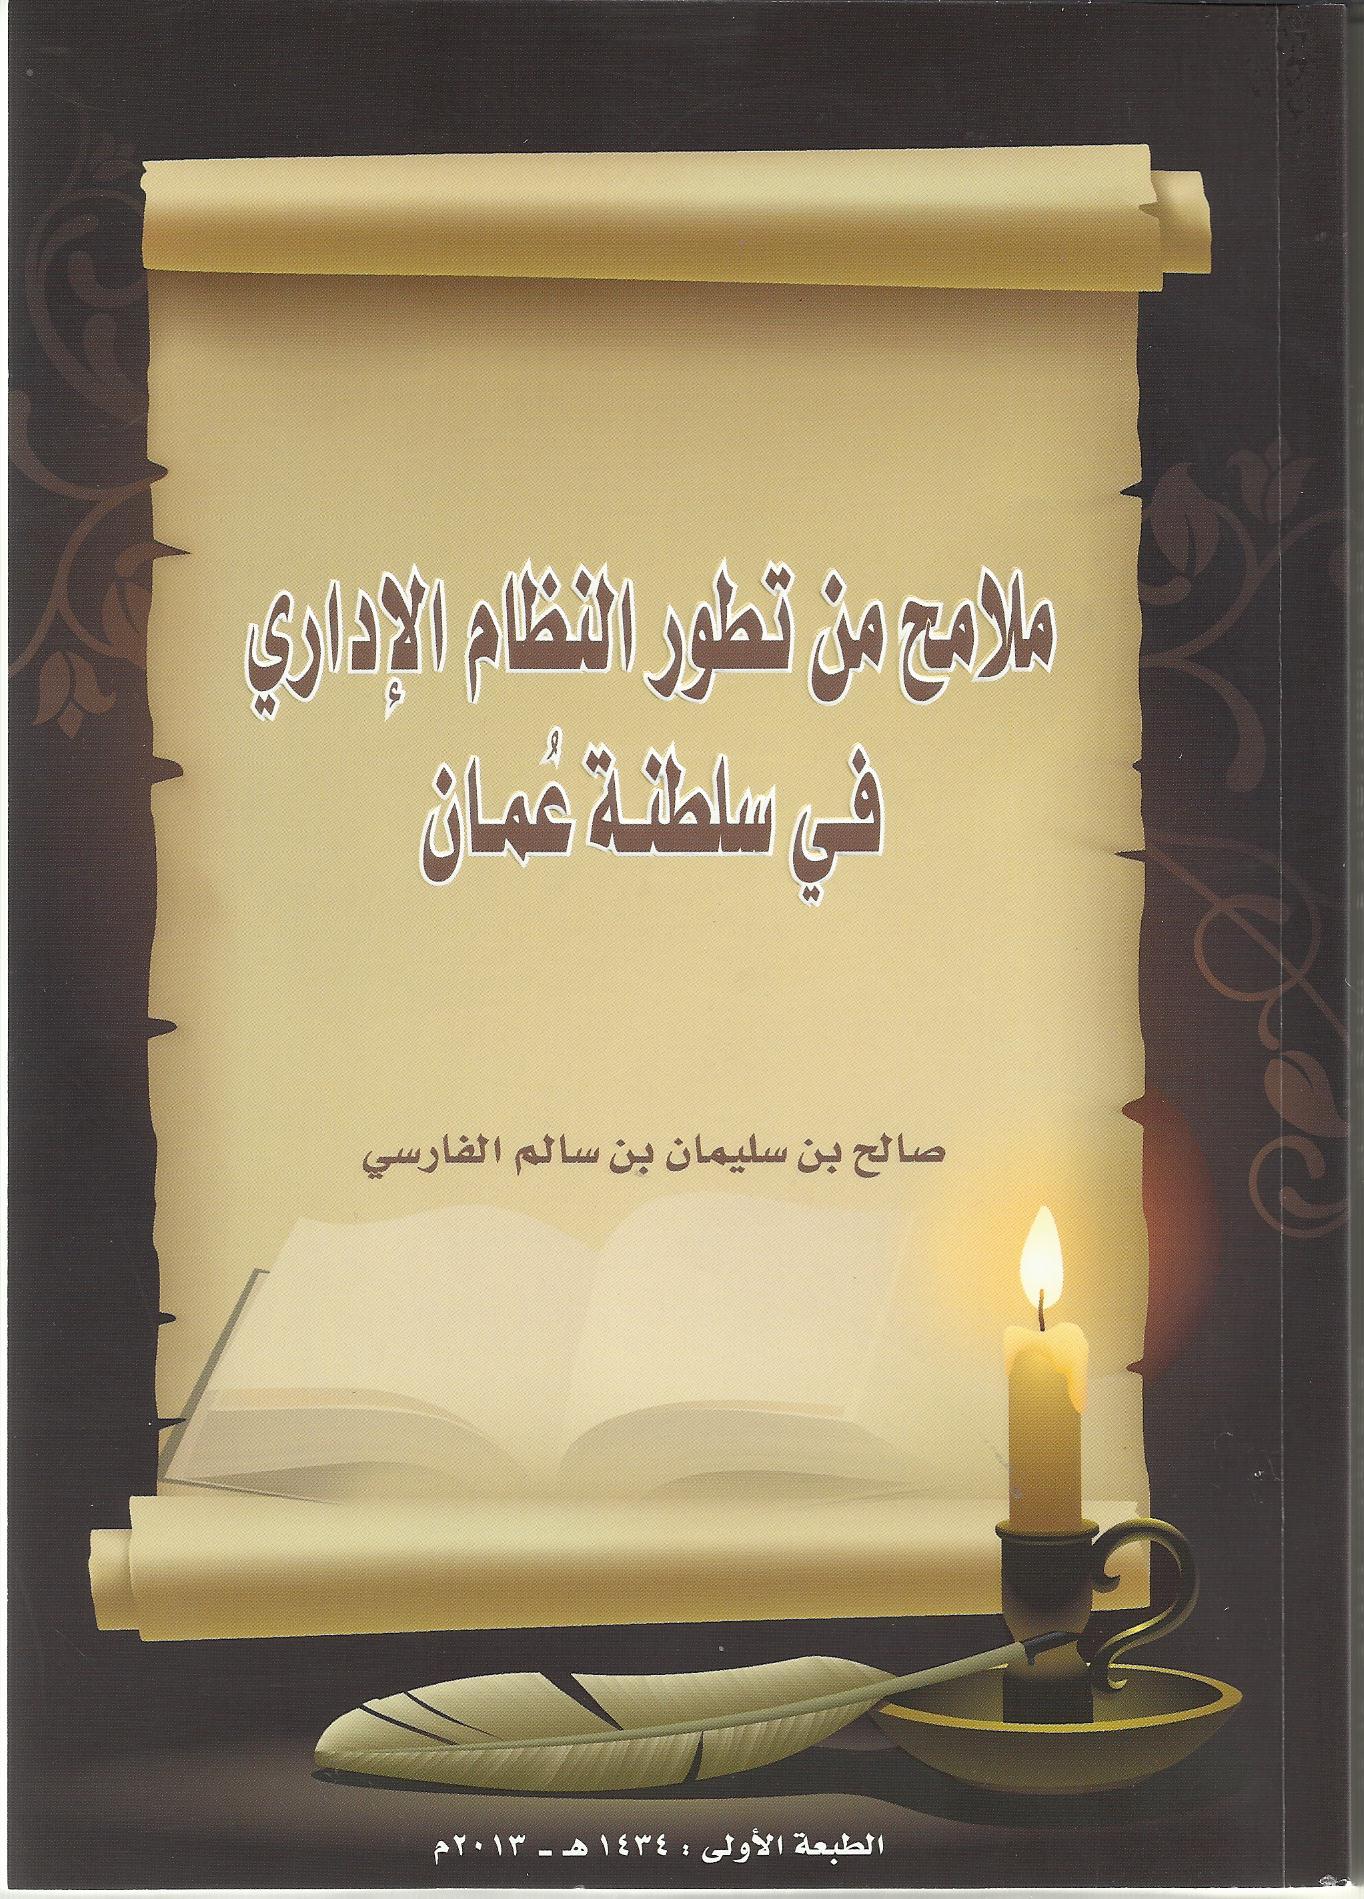 كتاب يستعرض تطور النظام الإداري في سلطنة عمان